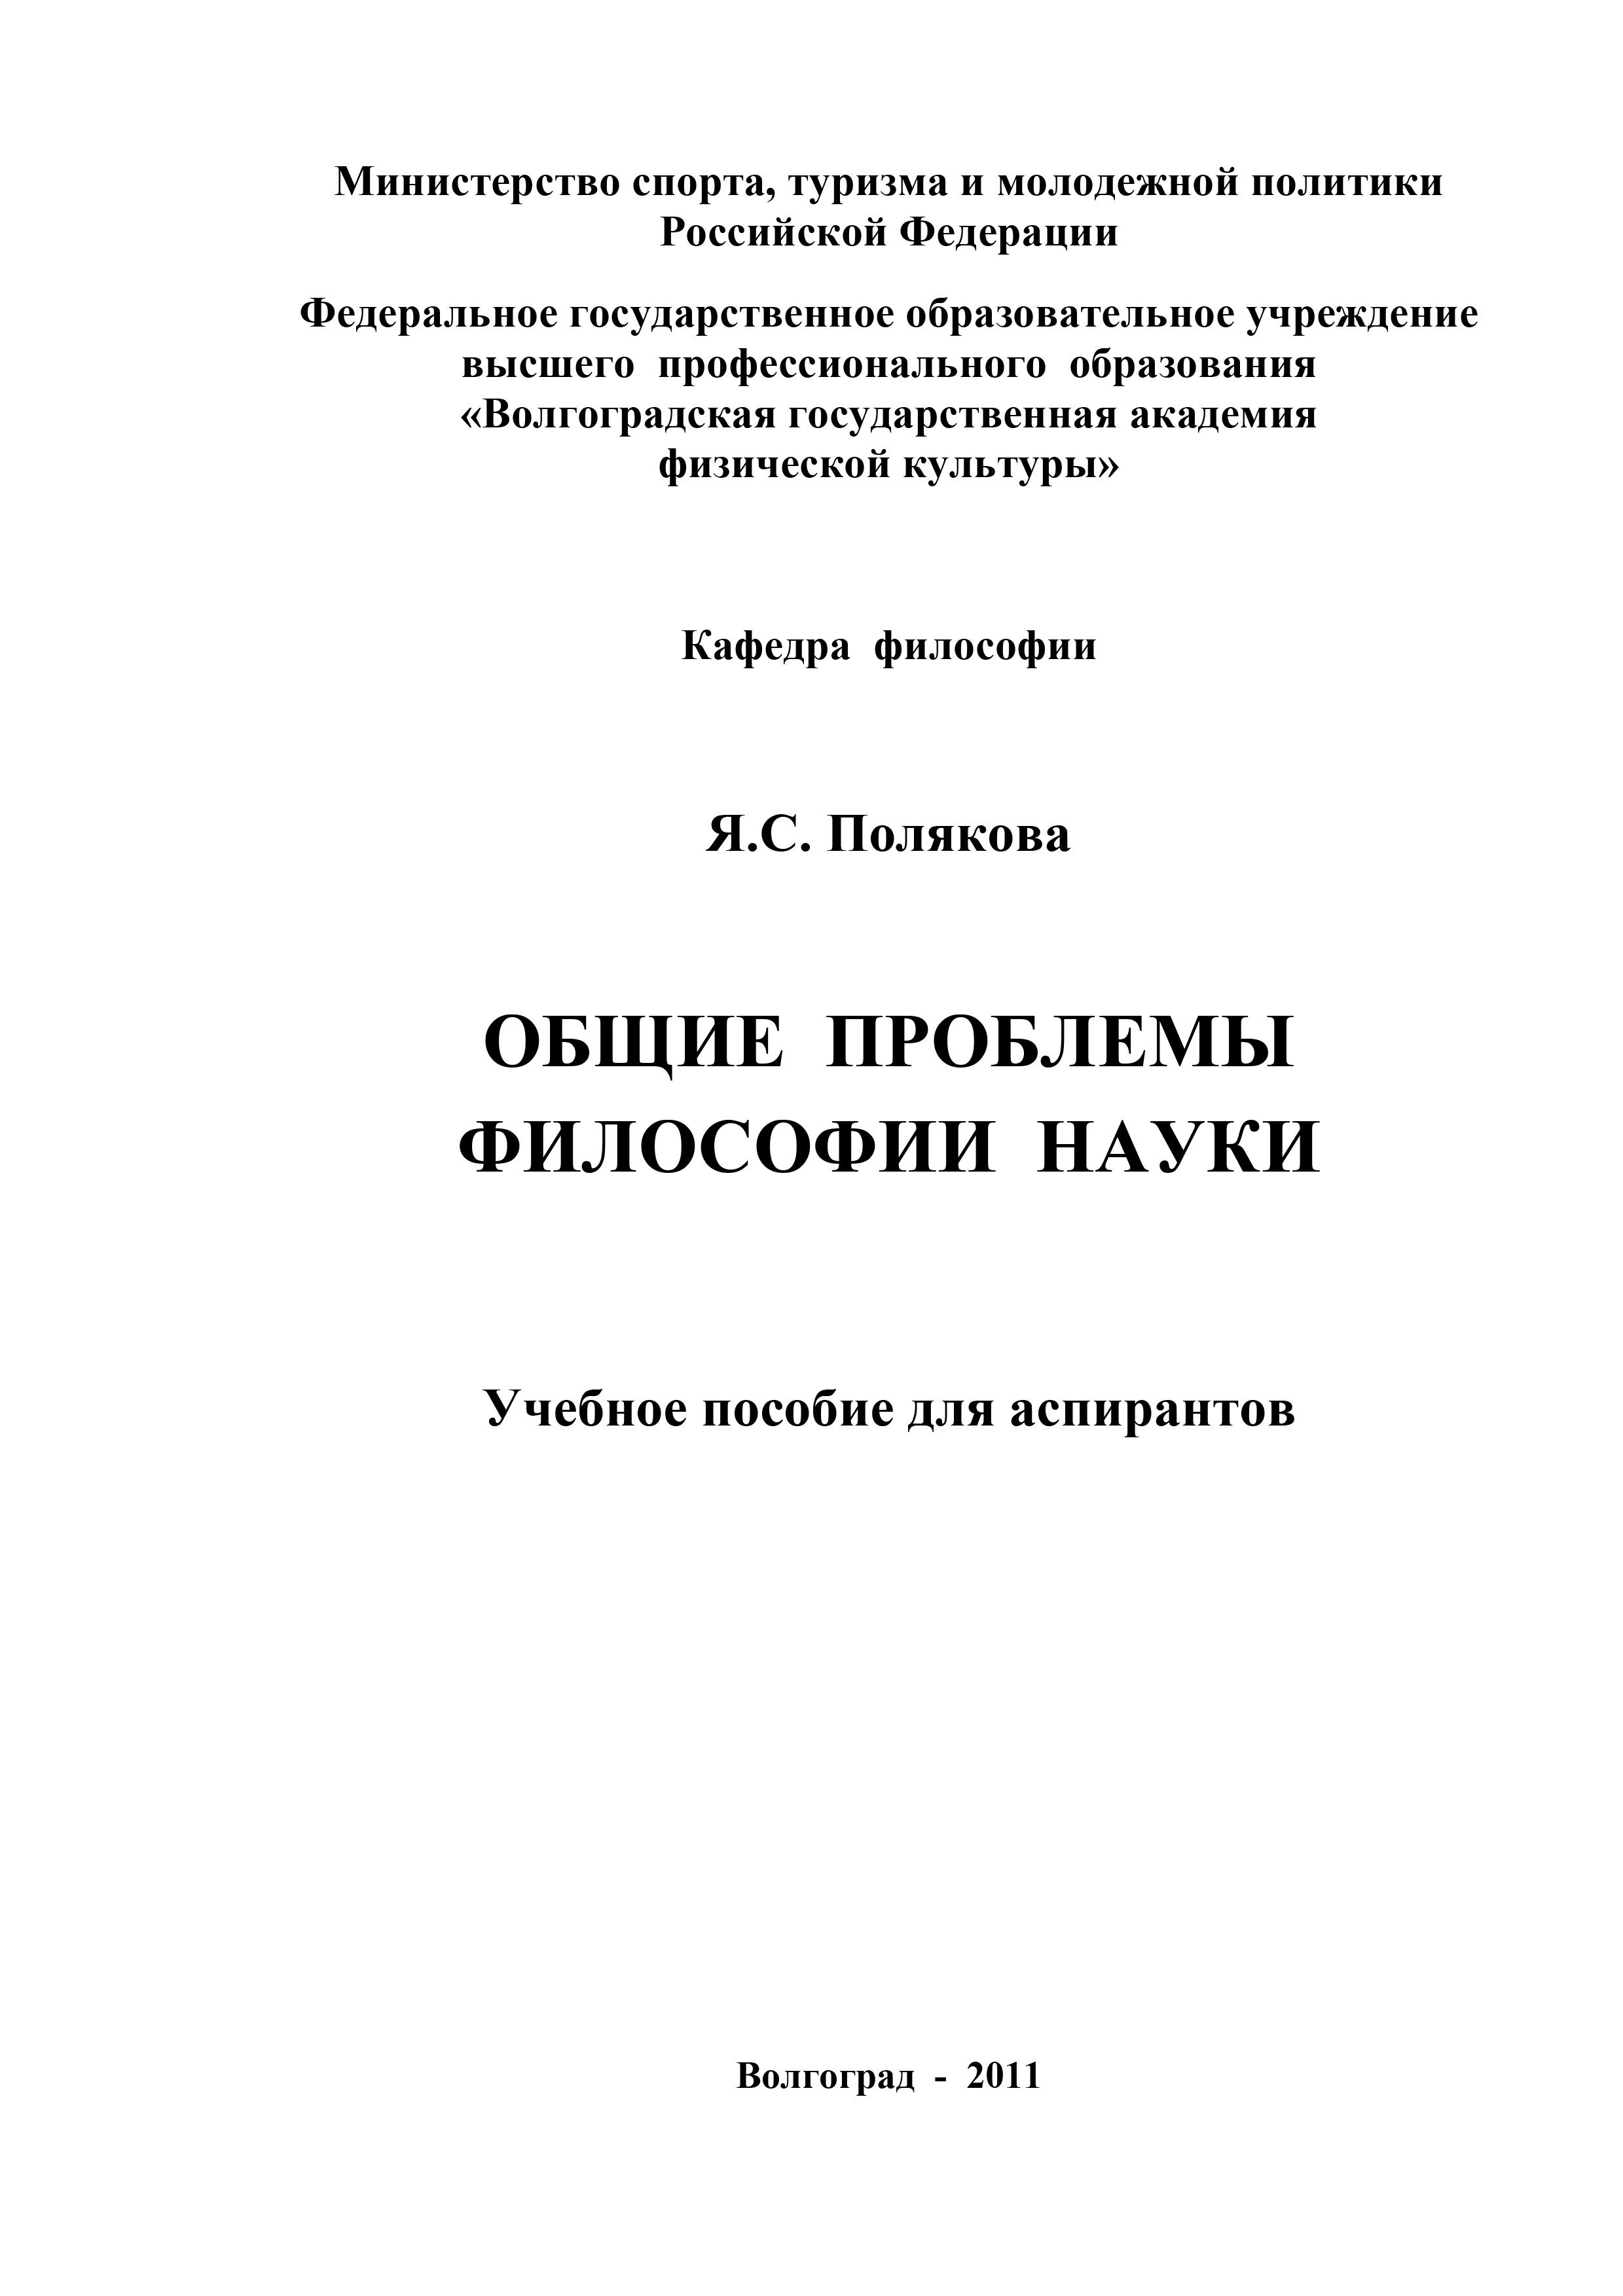 Яна Полякова Общие проблемы философии науки